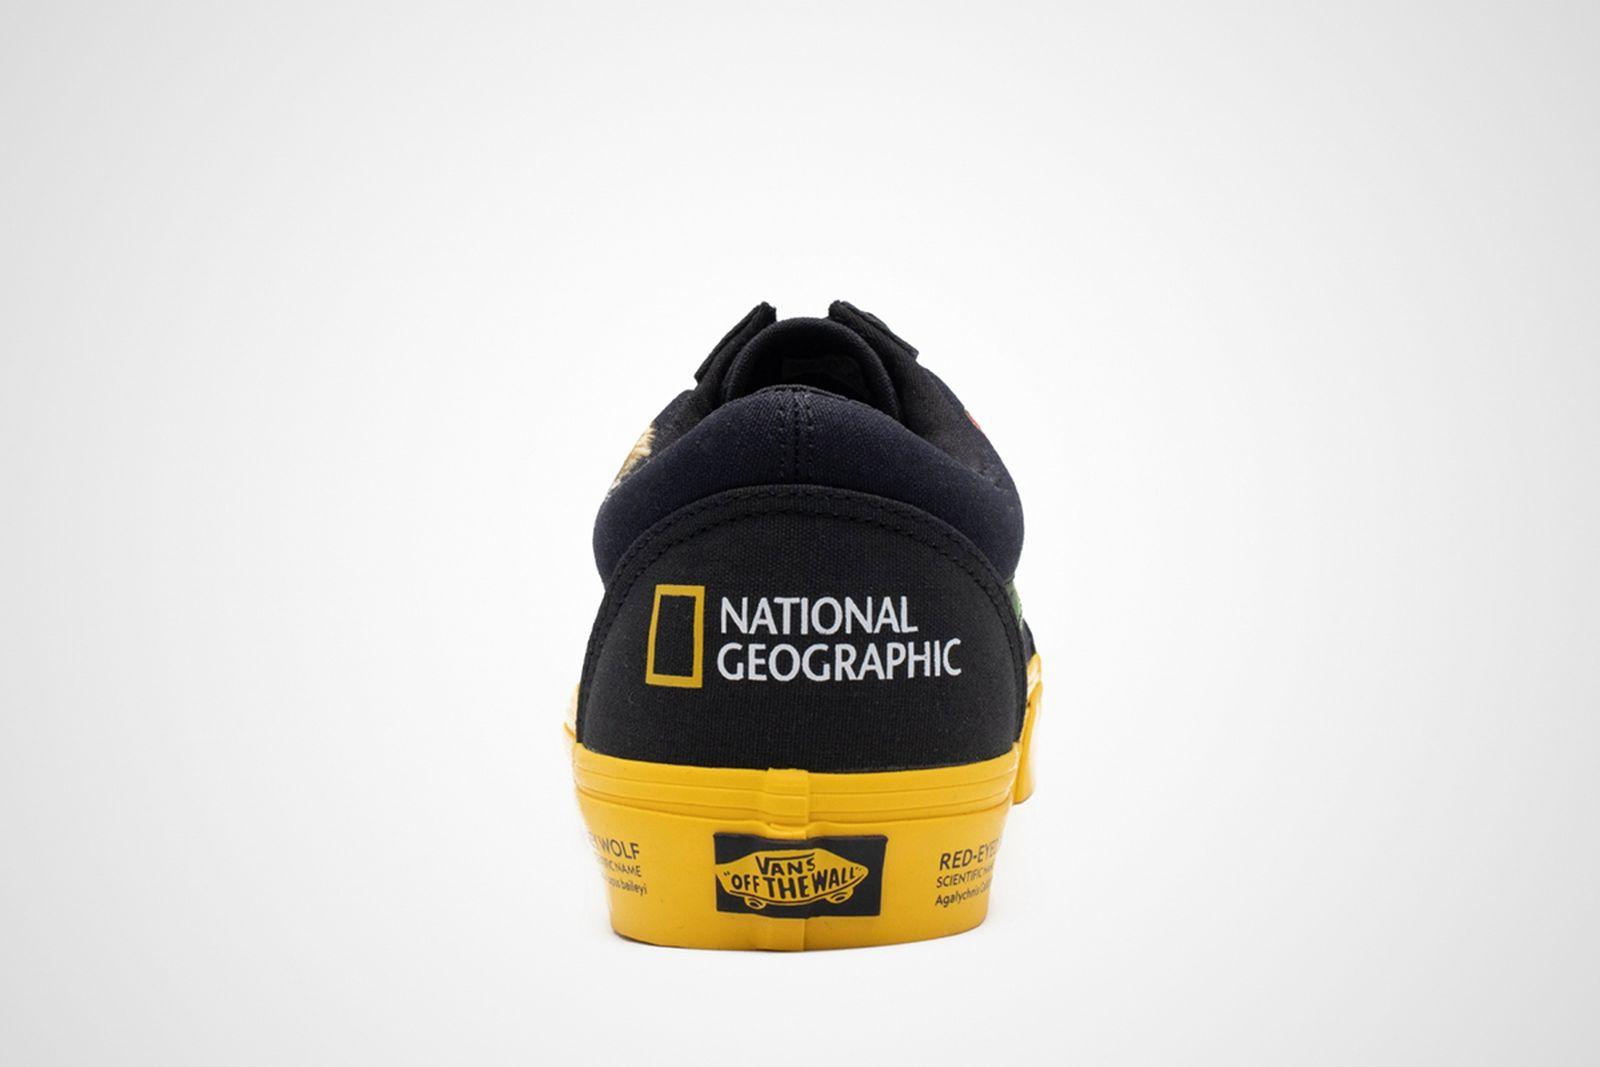 National Geographic Vans Old Skool